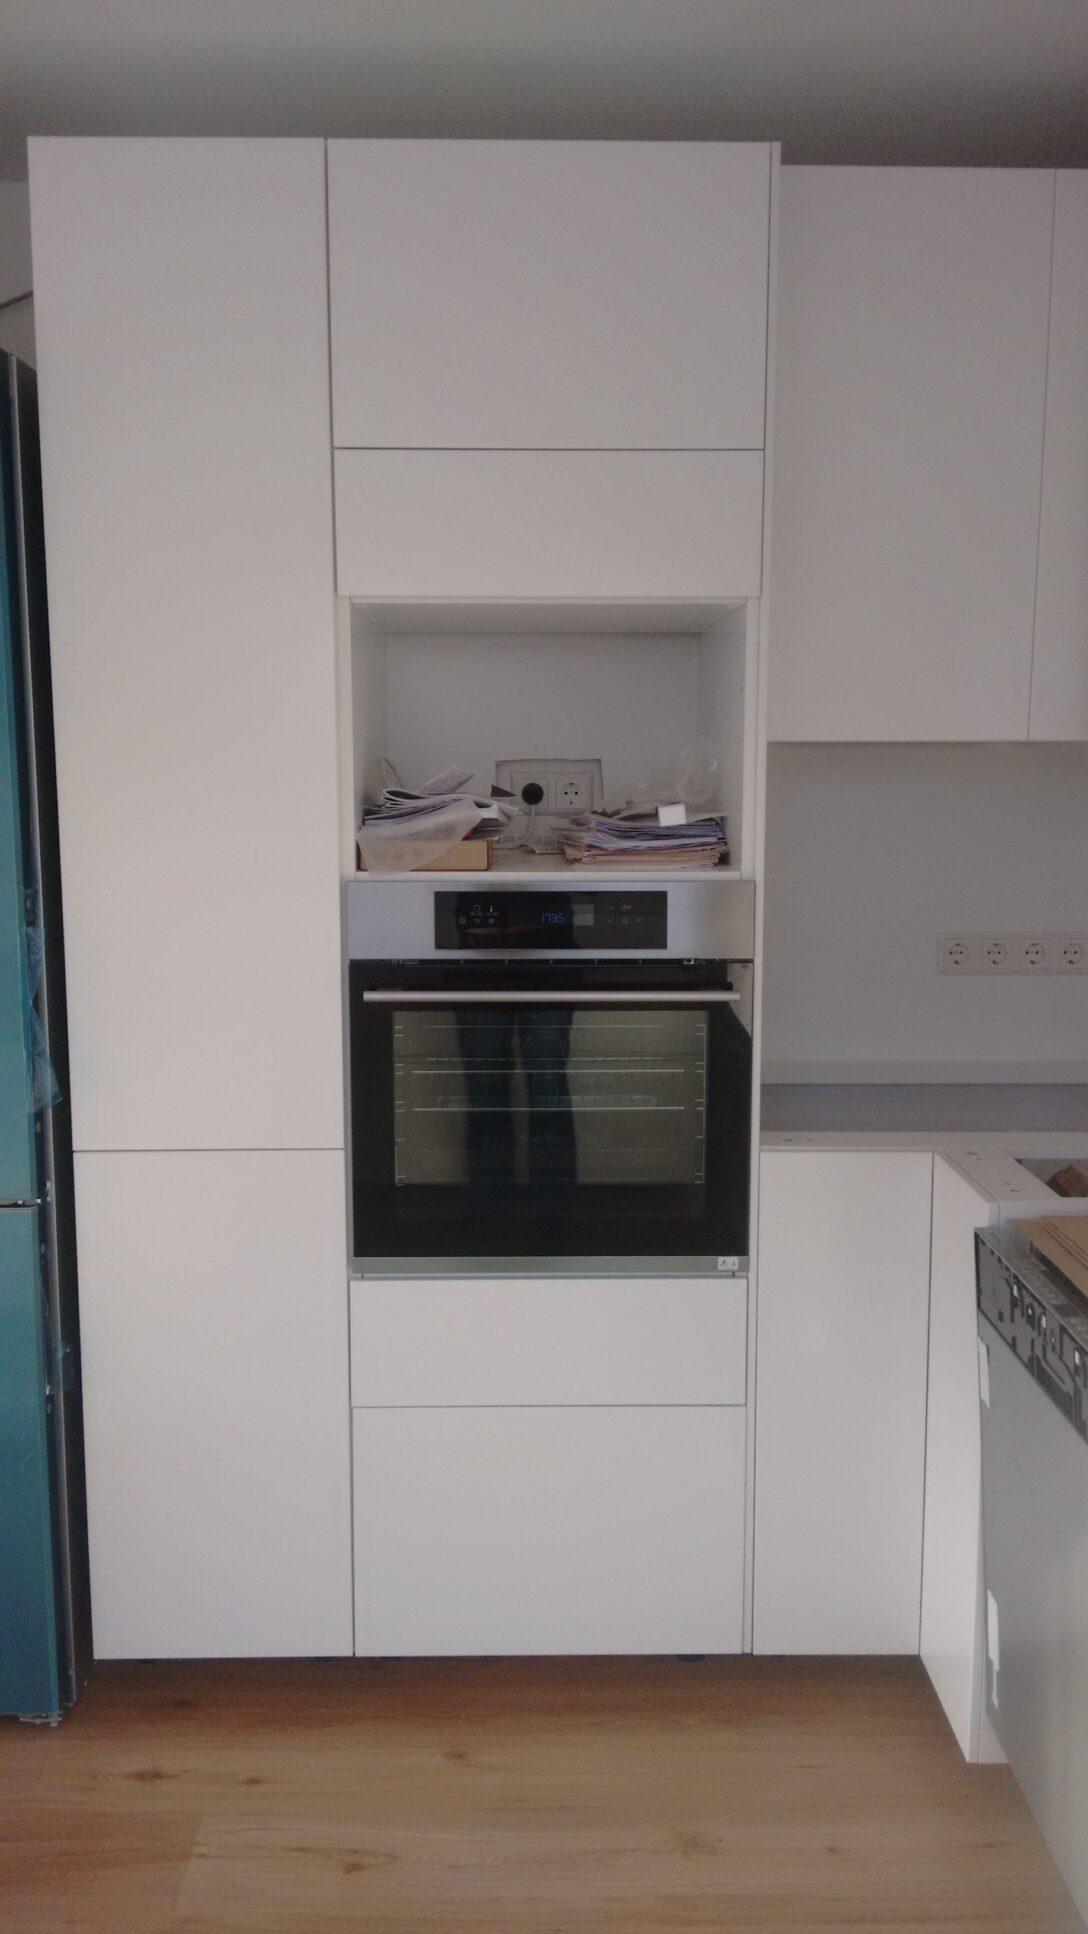 Large Size of Ikea Kchenplaner Apothekerschrank Kche Finanzieren Kchen Küche Wohnzimmer Apothekerschrank Halbhoch